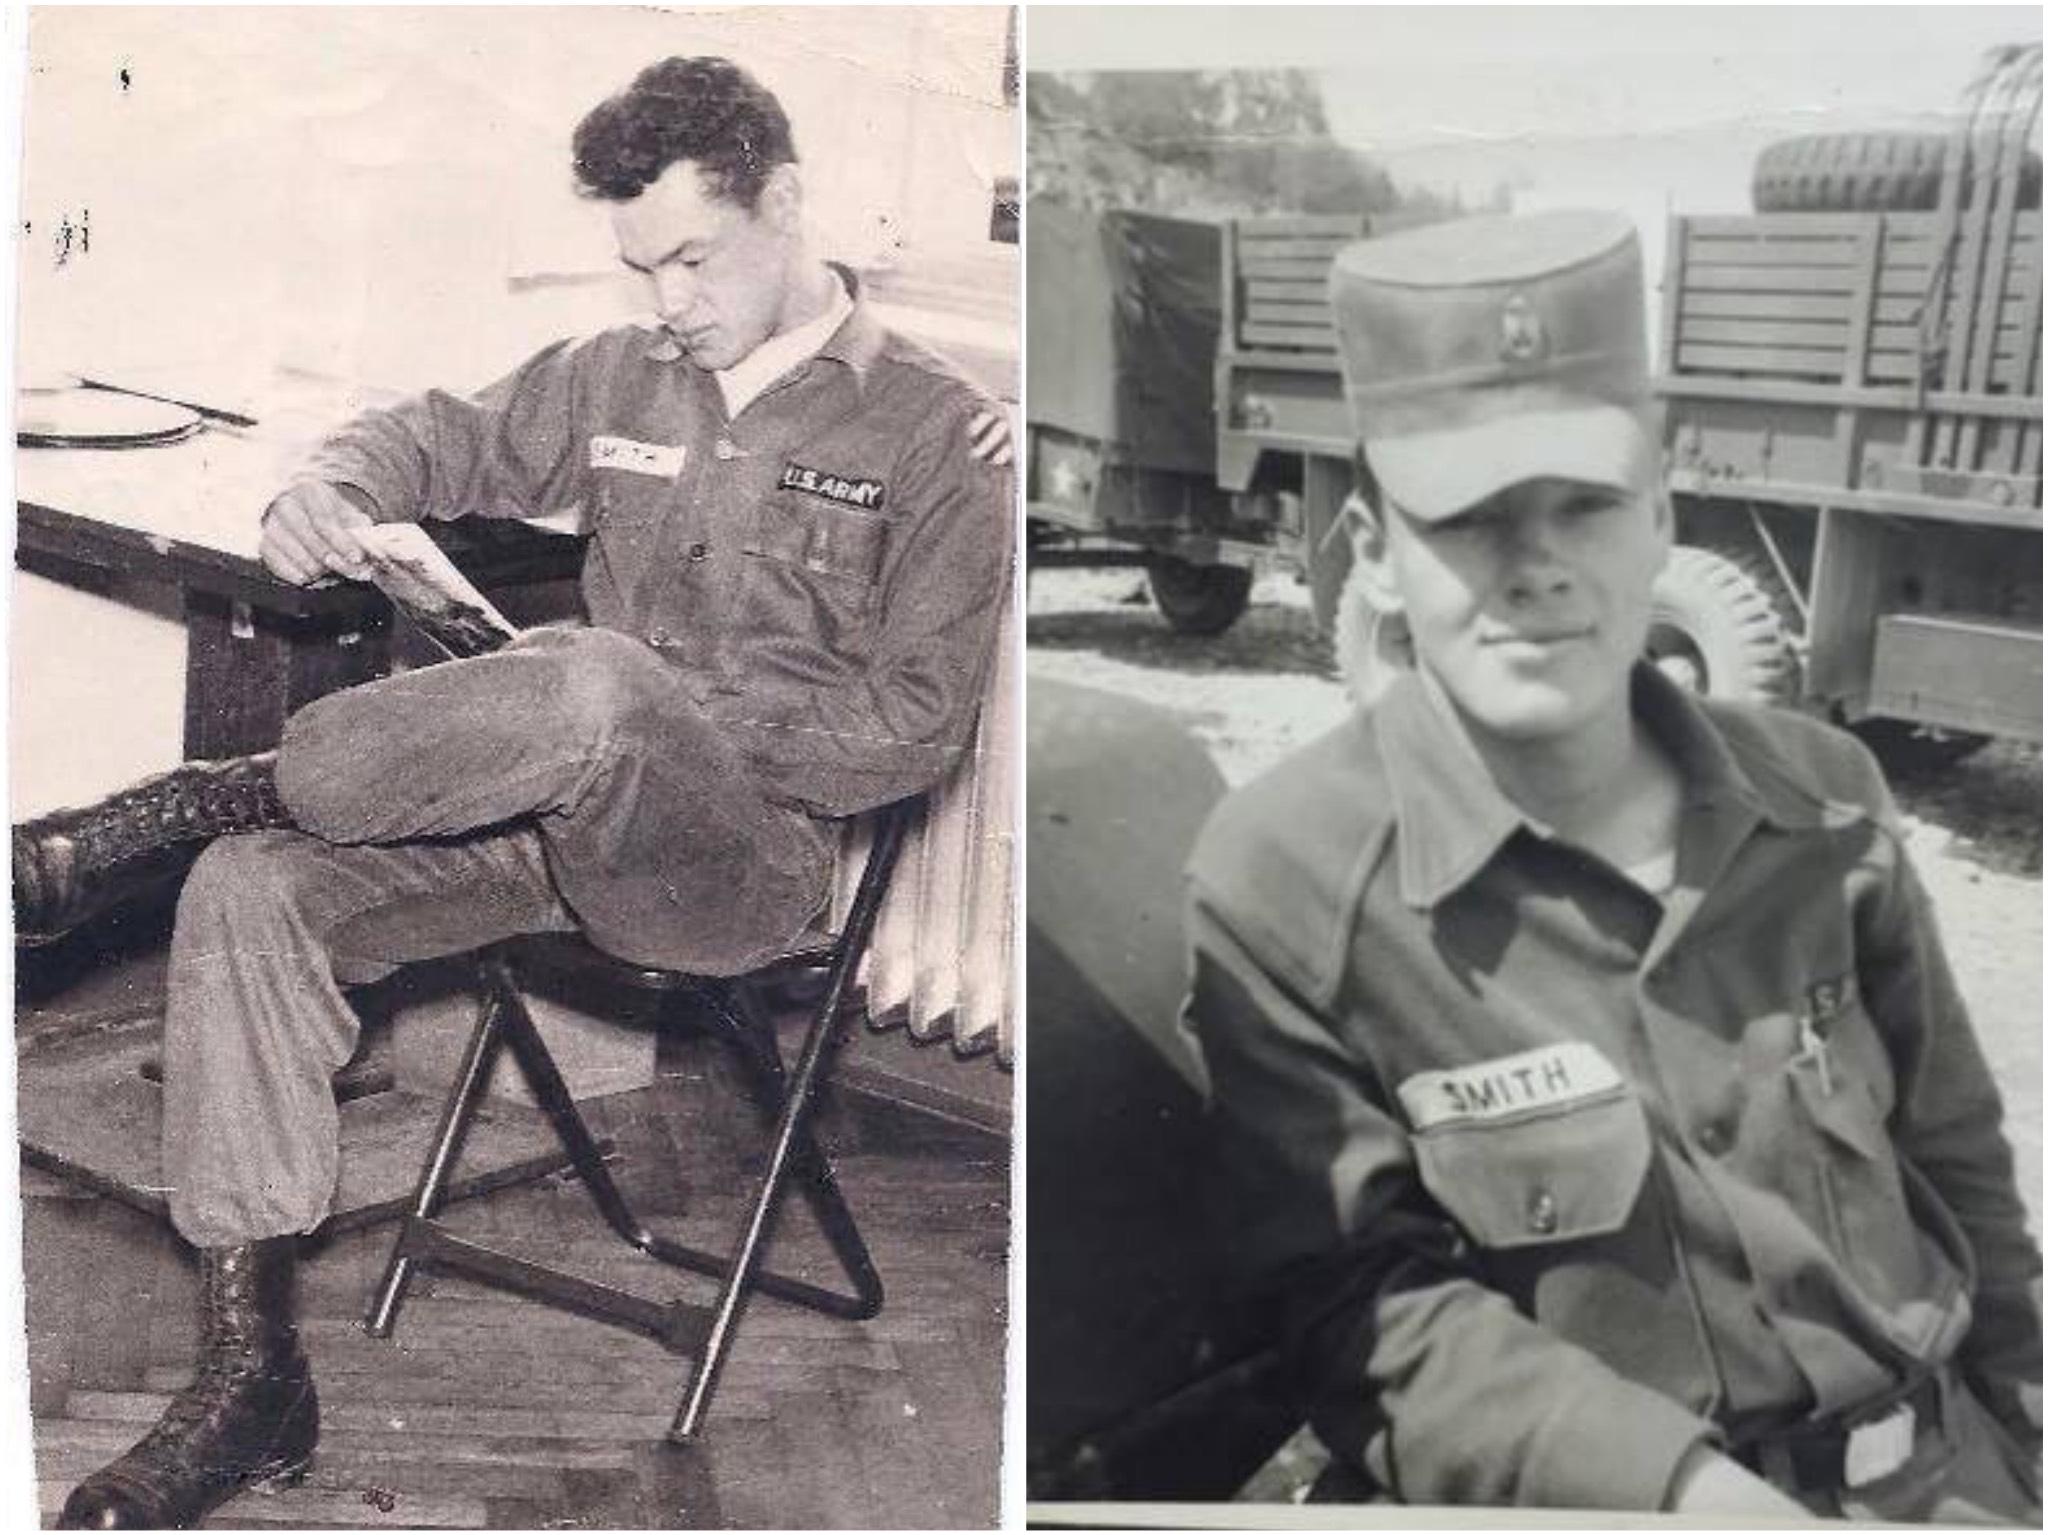 Walter Smith während seiner Zeit bei der US Army. Foto: Heidi Orton